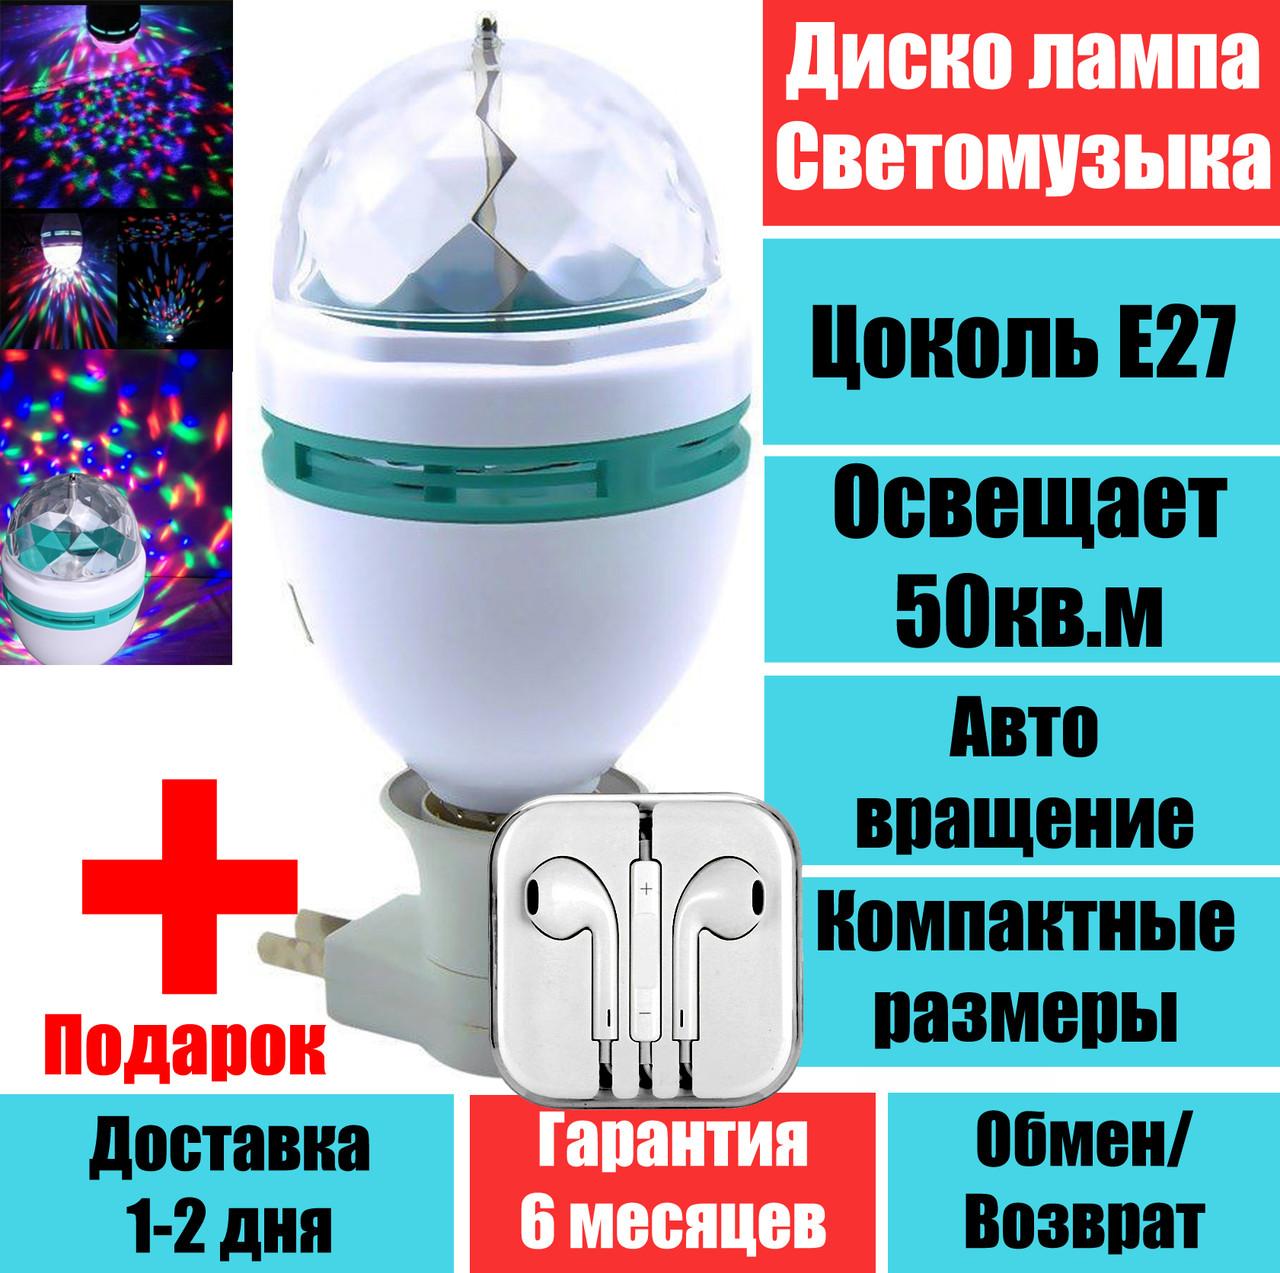 Диско лампа Ball RHD-15 LY 399